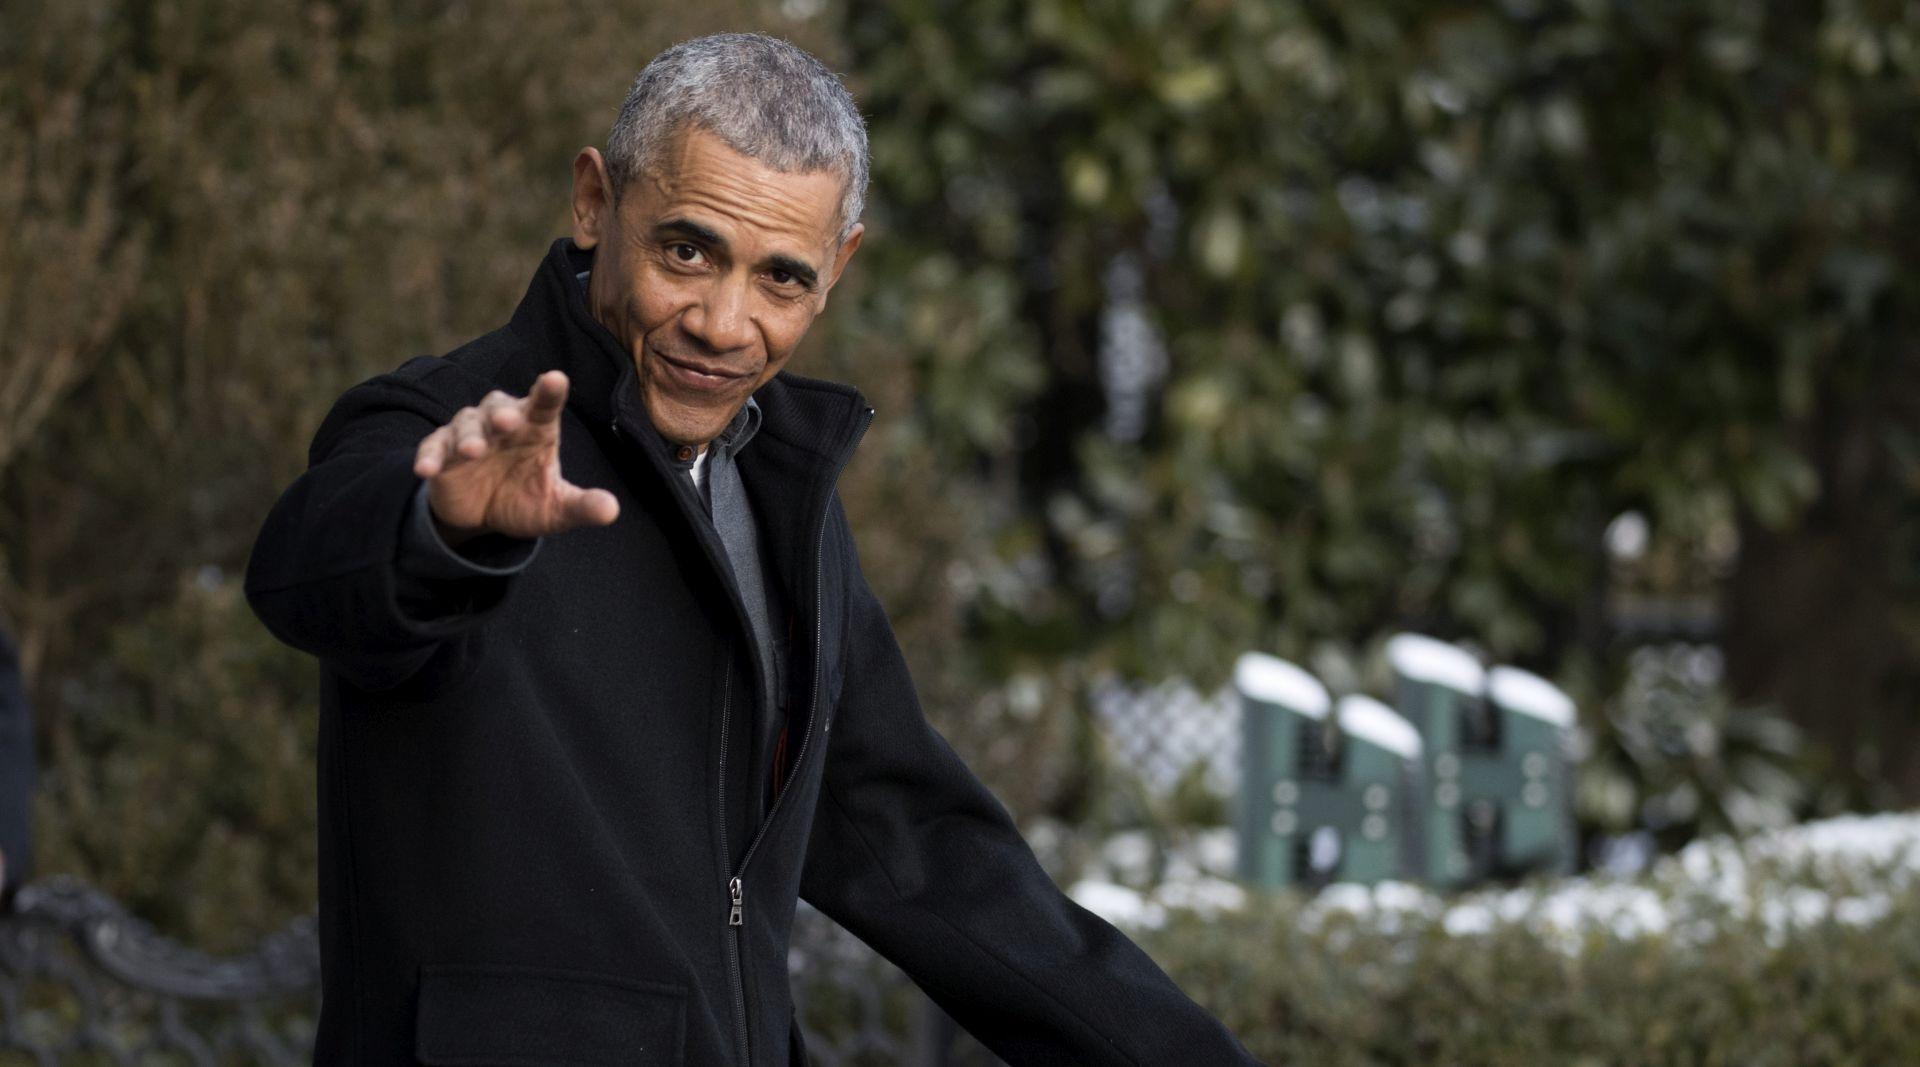 TRADICIJA NA KRAJU MANDATA Obama se sutra u Chicagu oprašta od javnosti